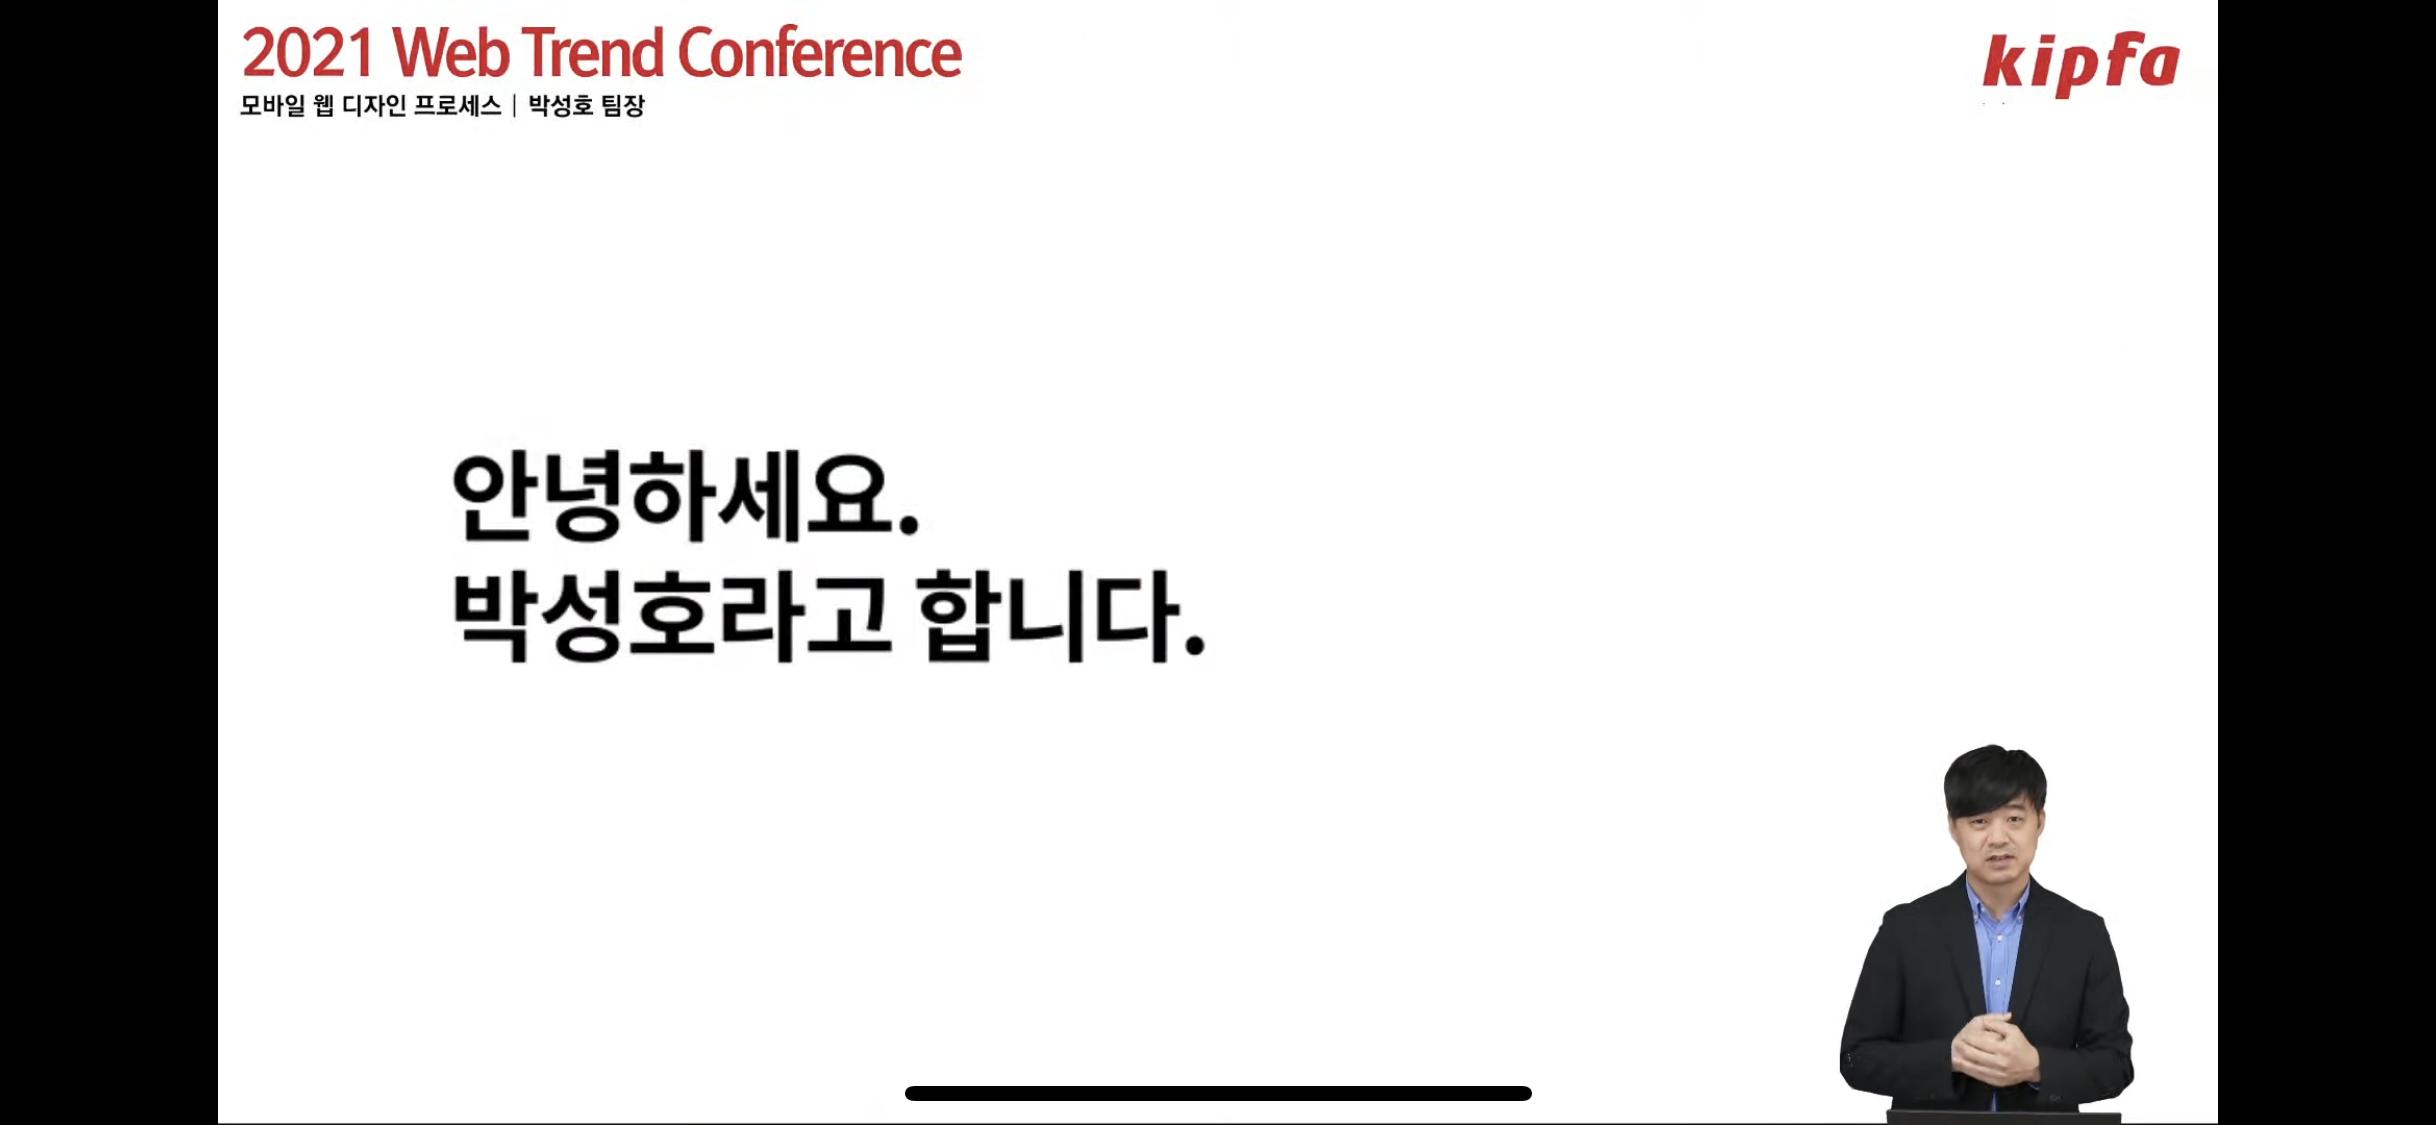 2021 웹 트렌드 컨퍼런스 연사 박성호 팀장님!